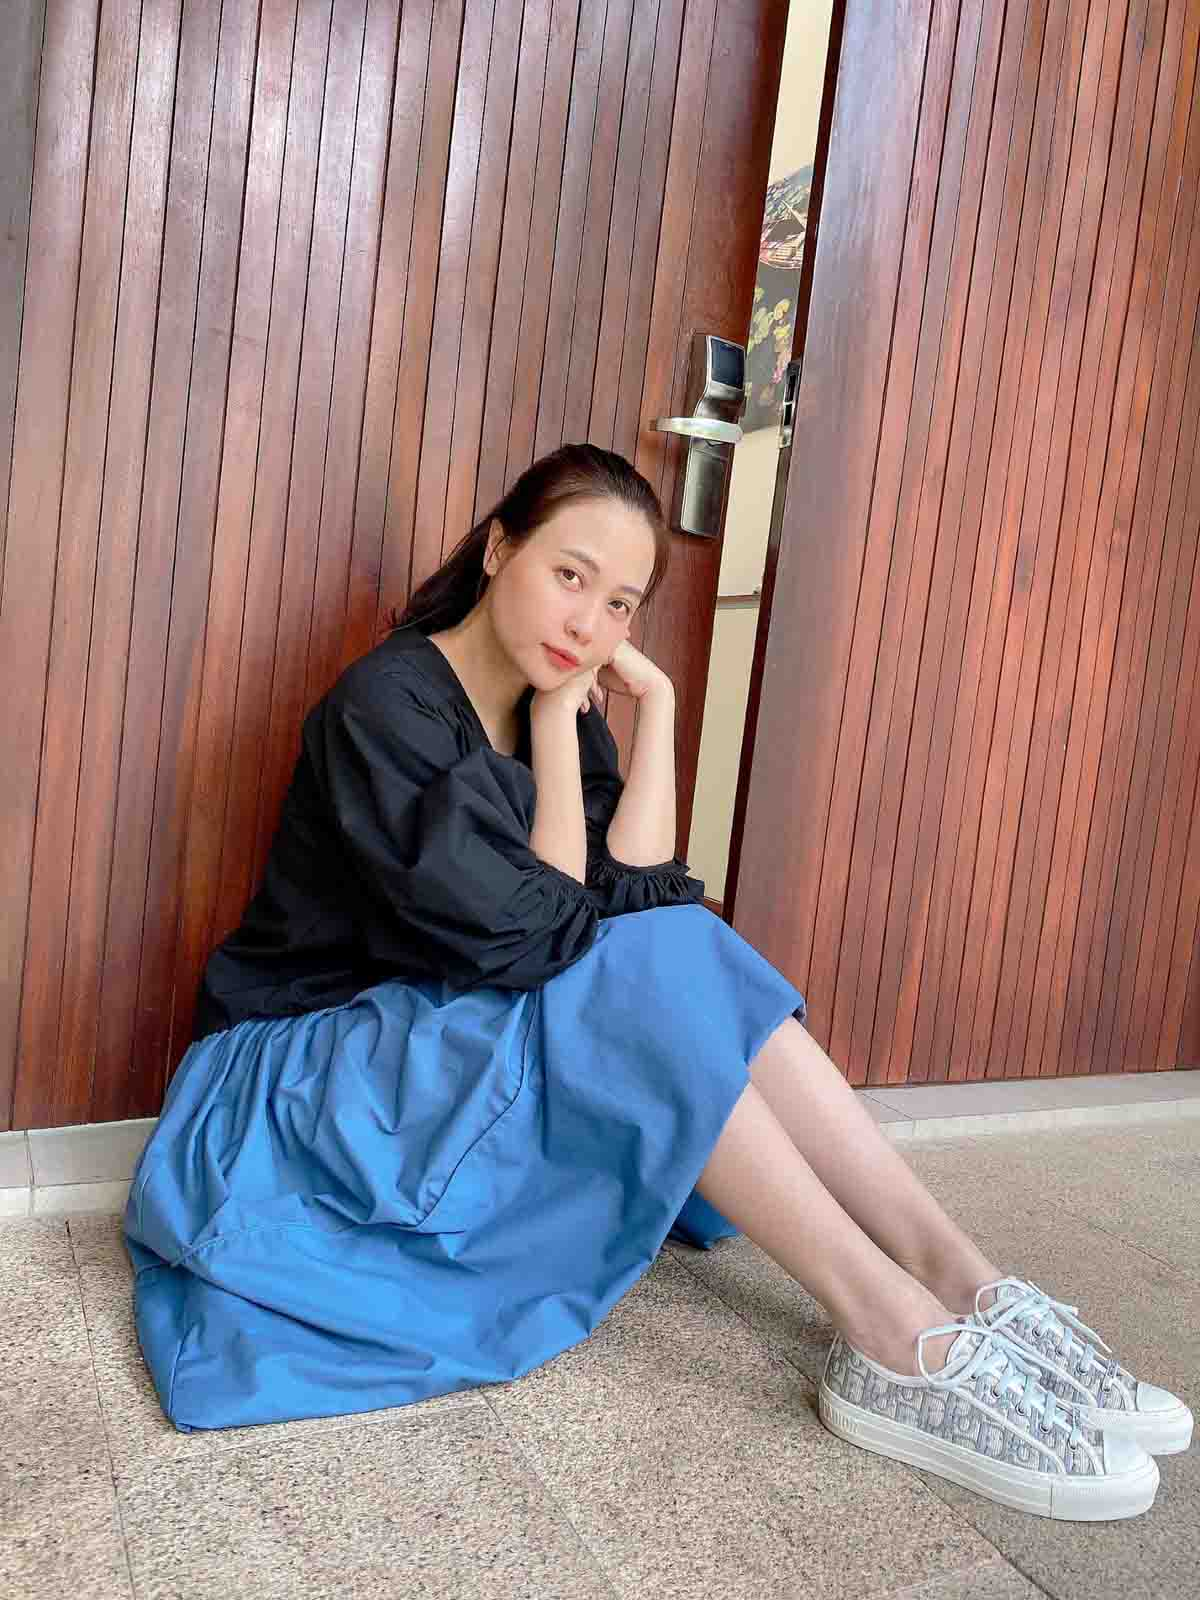 Làm dâu hào môn, Đàm Thu Trang vẫn mặc đơn giản, đi đâu cũng xỏ chân đúng 1 đôi giày - 7